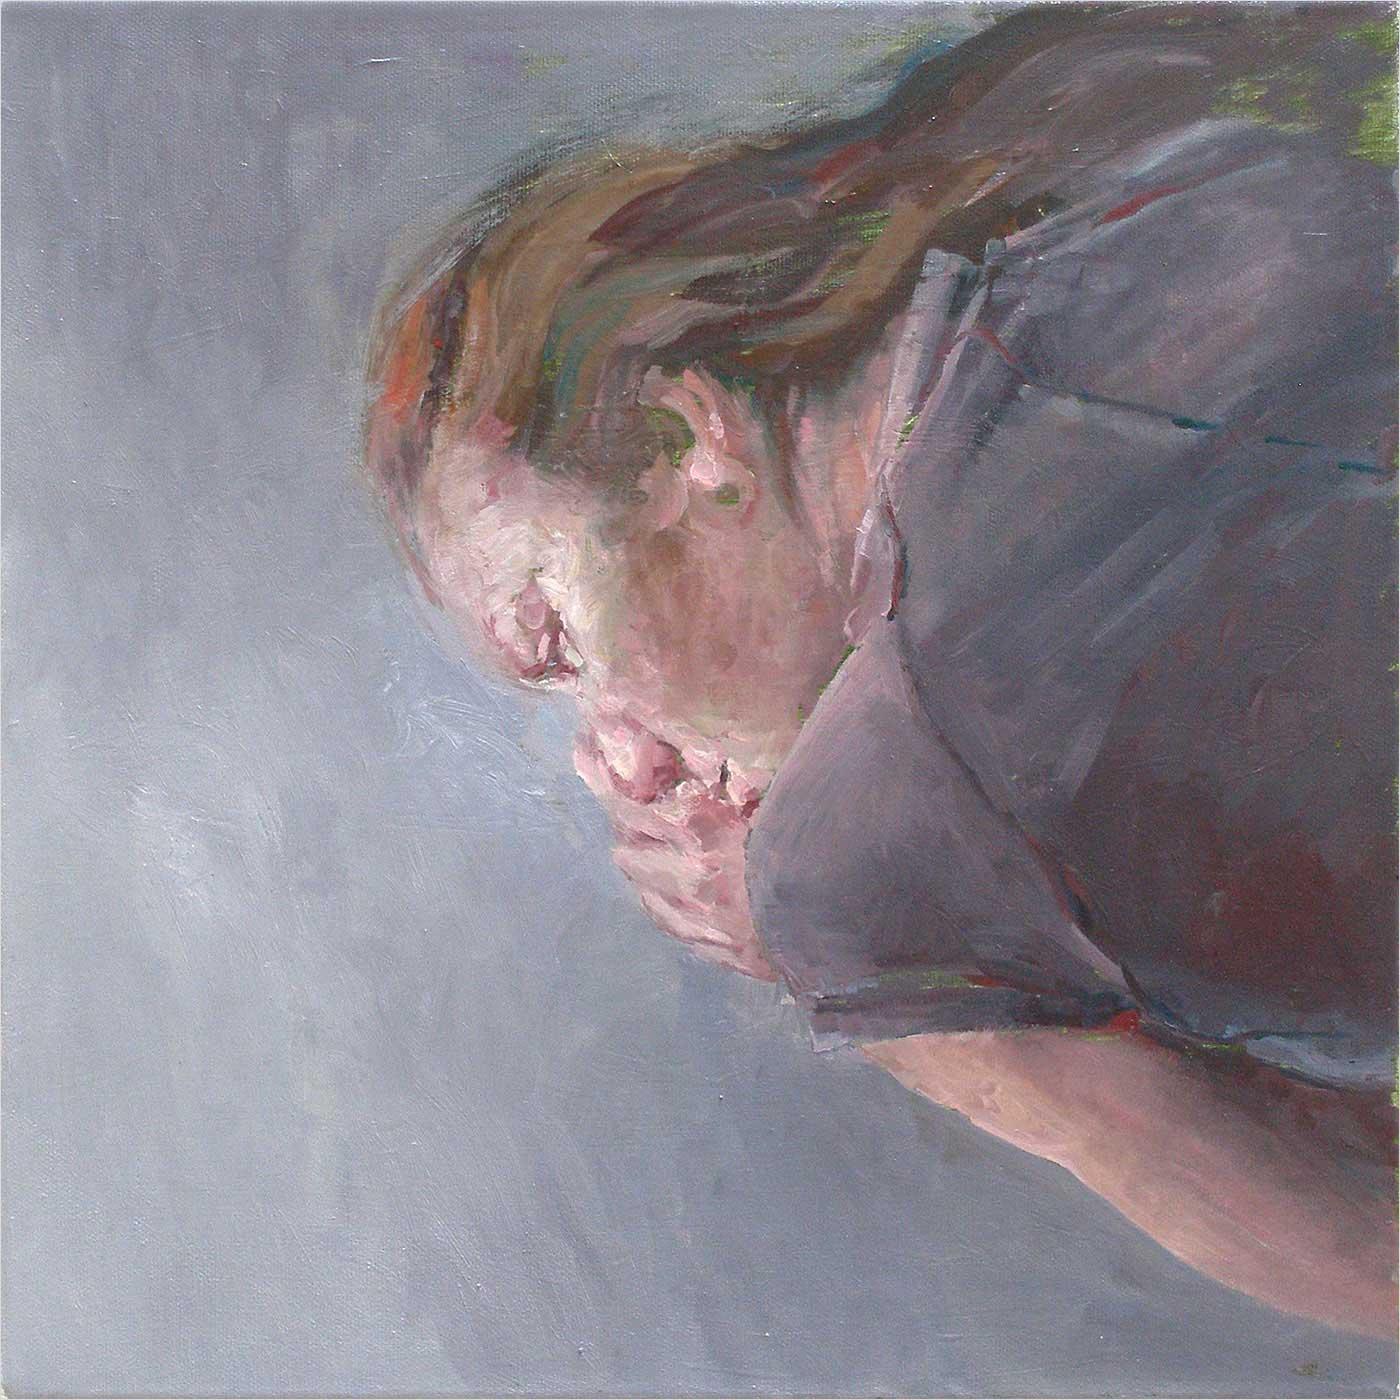 Jekatarina, liegend, 40 x 40 cm Öl / Lwd, 2018